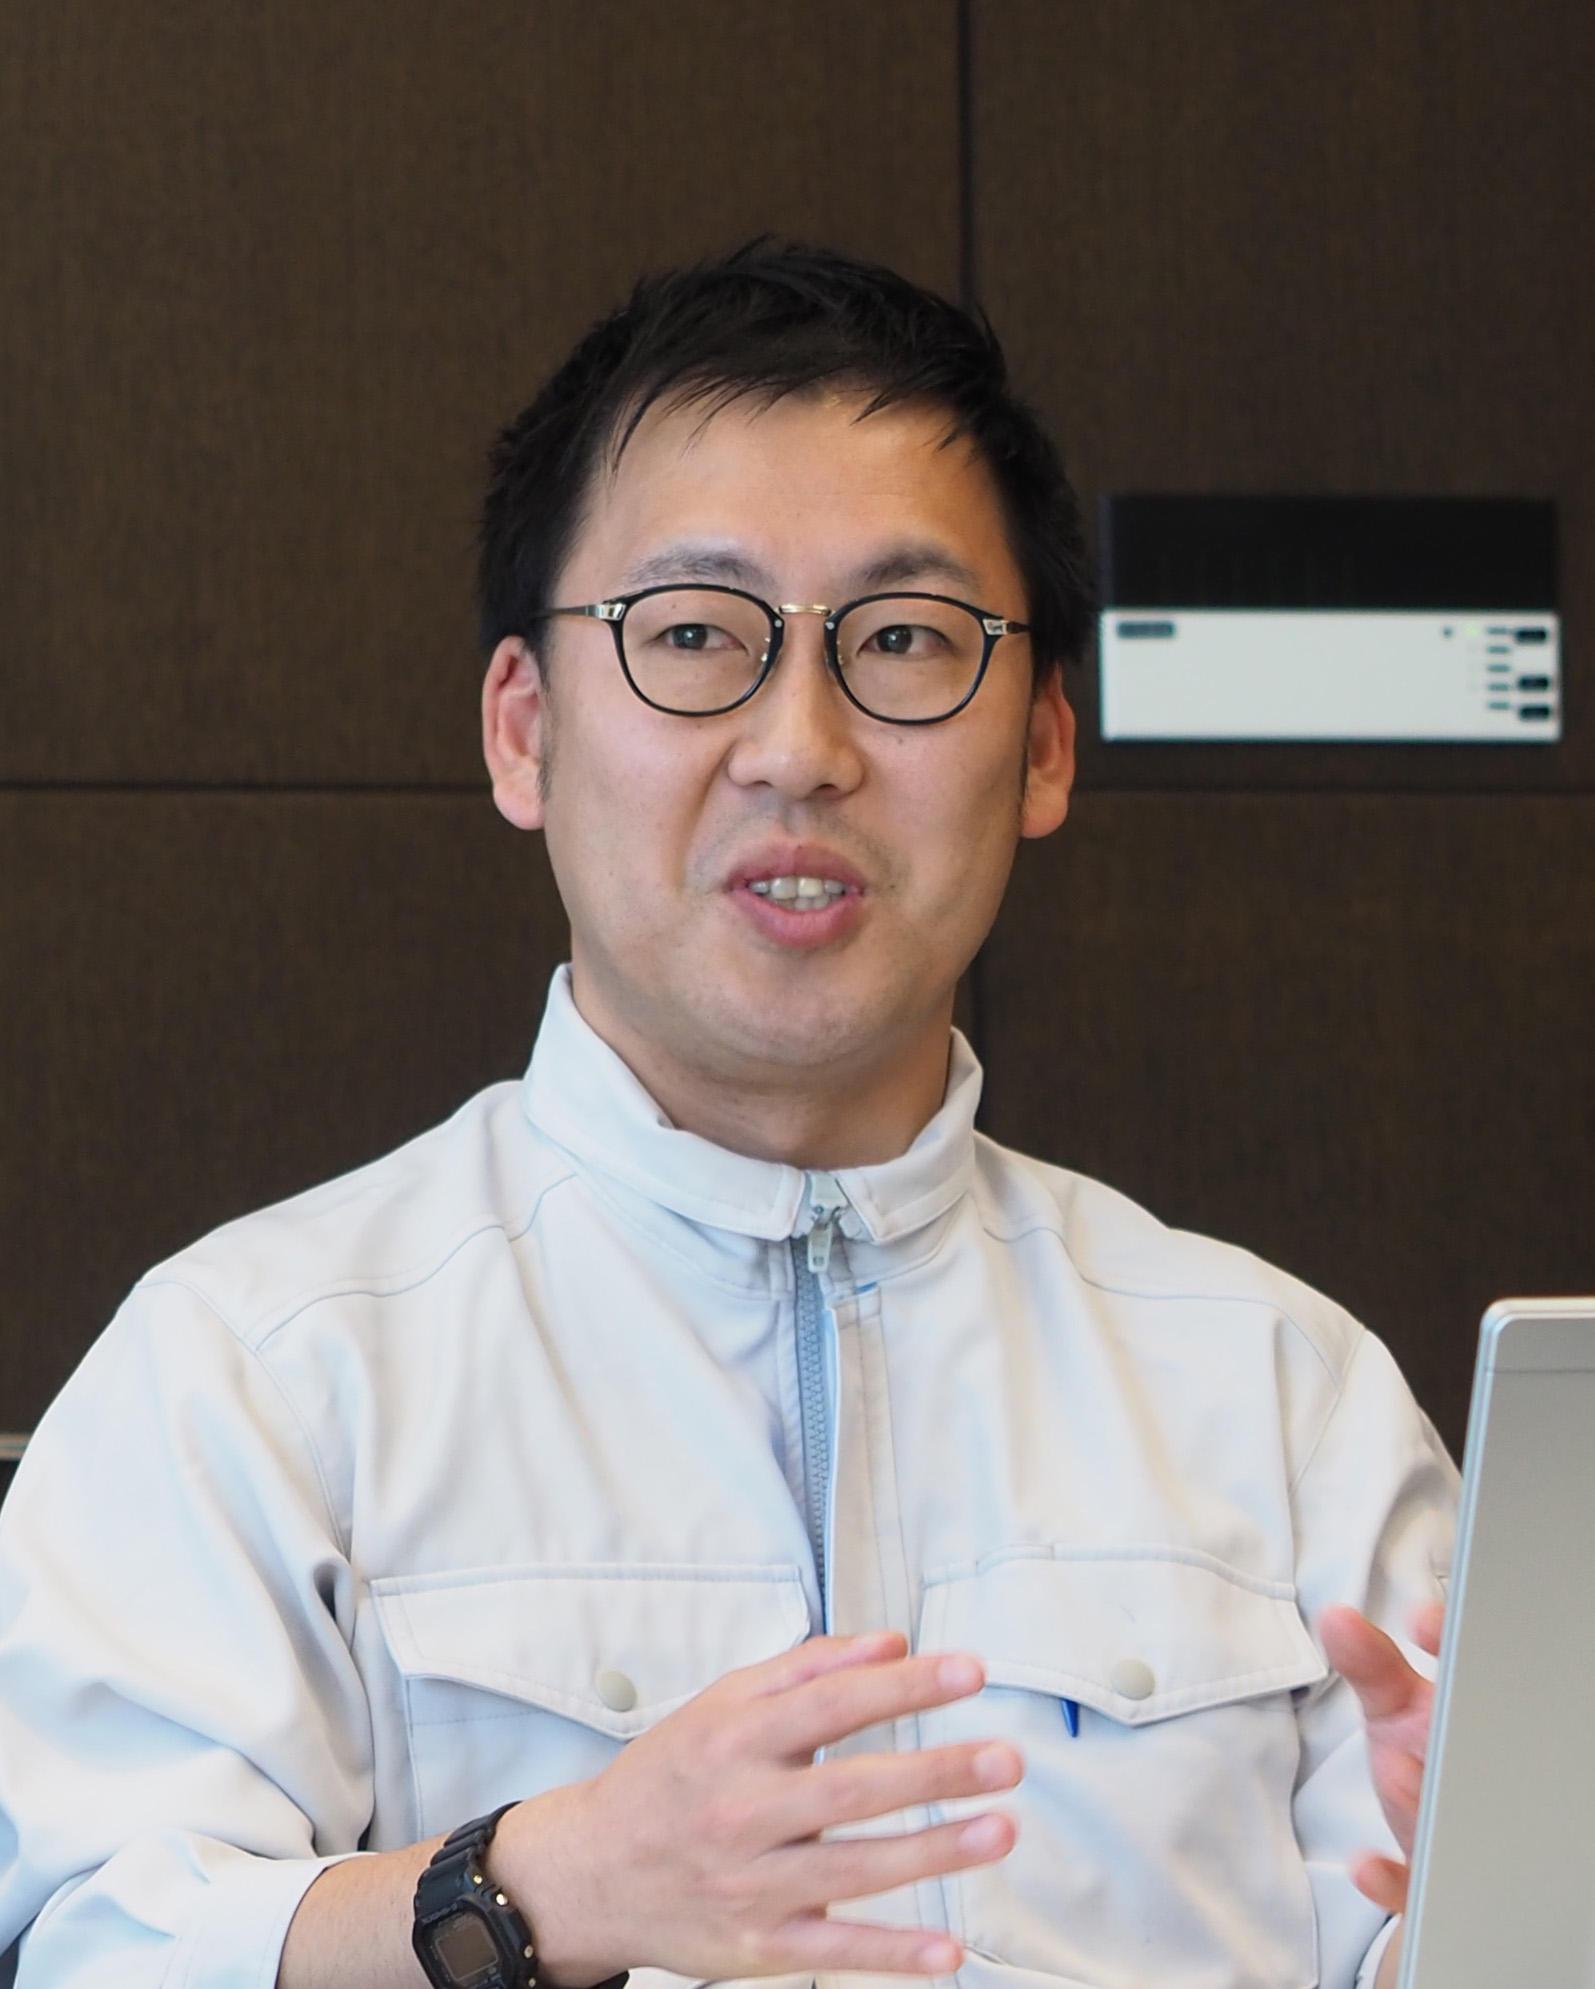 味の素株式会社 様 導入事例  渋⽊ ⼀晃氏